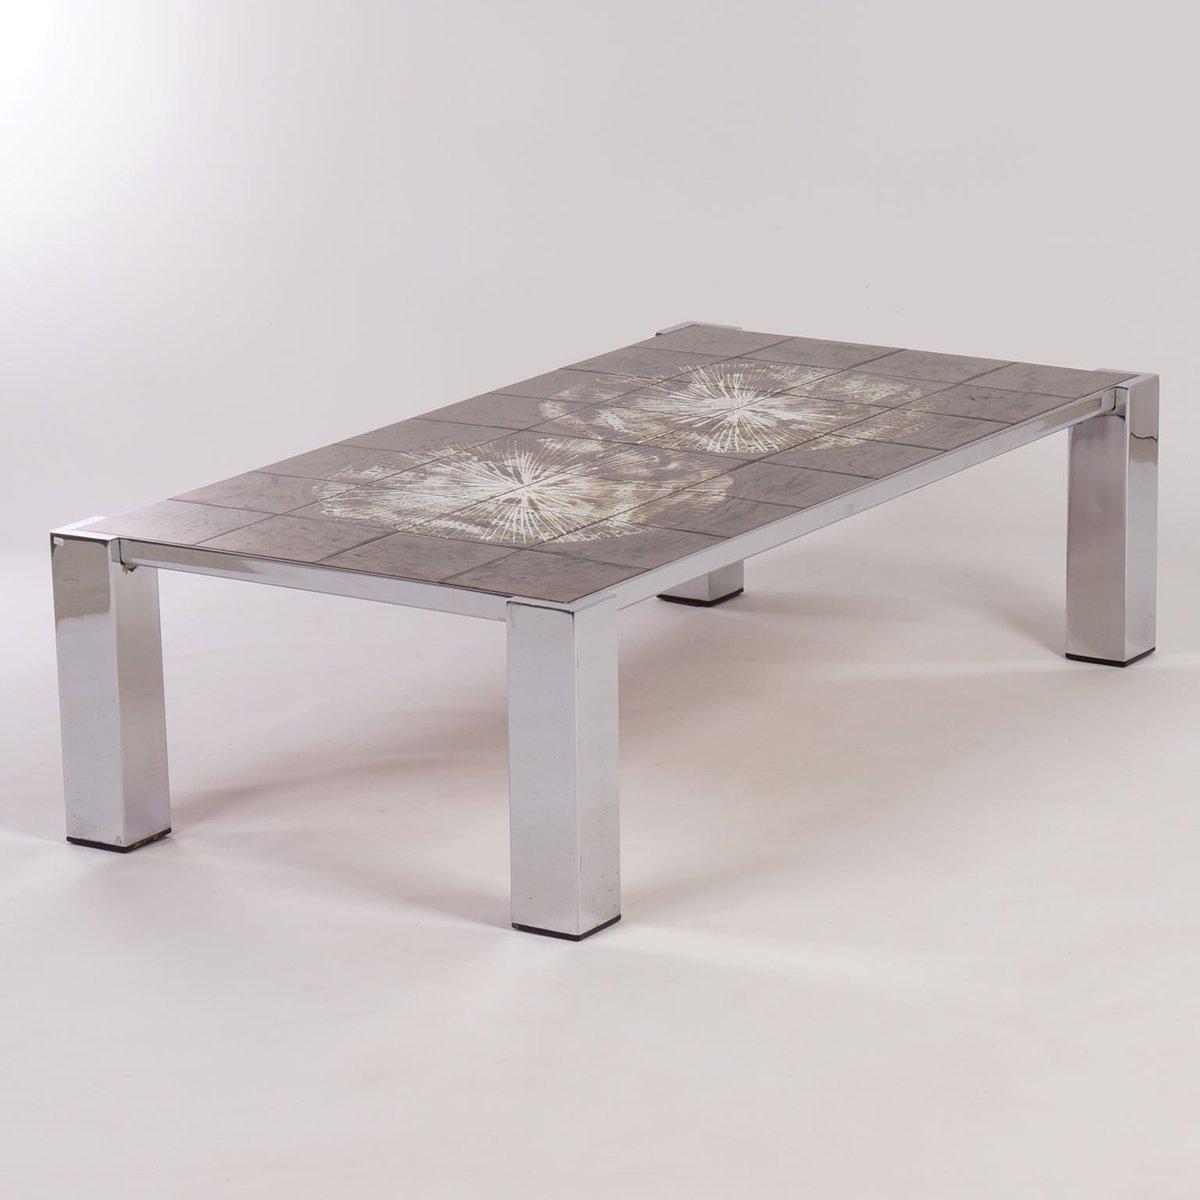 table basse peinte la main carrel e par belarti 1960s en vente sur pamono. Black Bedroom Furniture Sets. Home Design Ideas